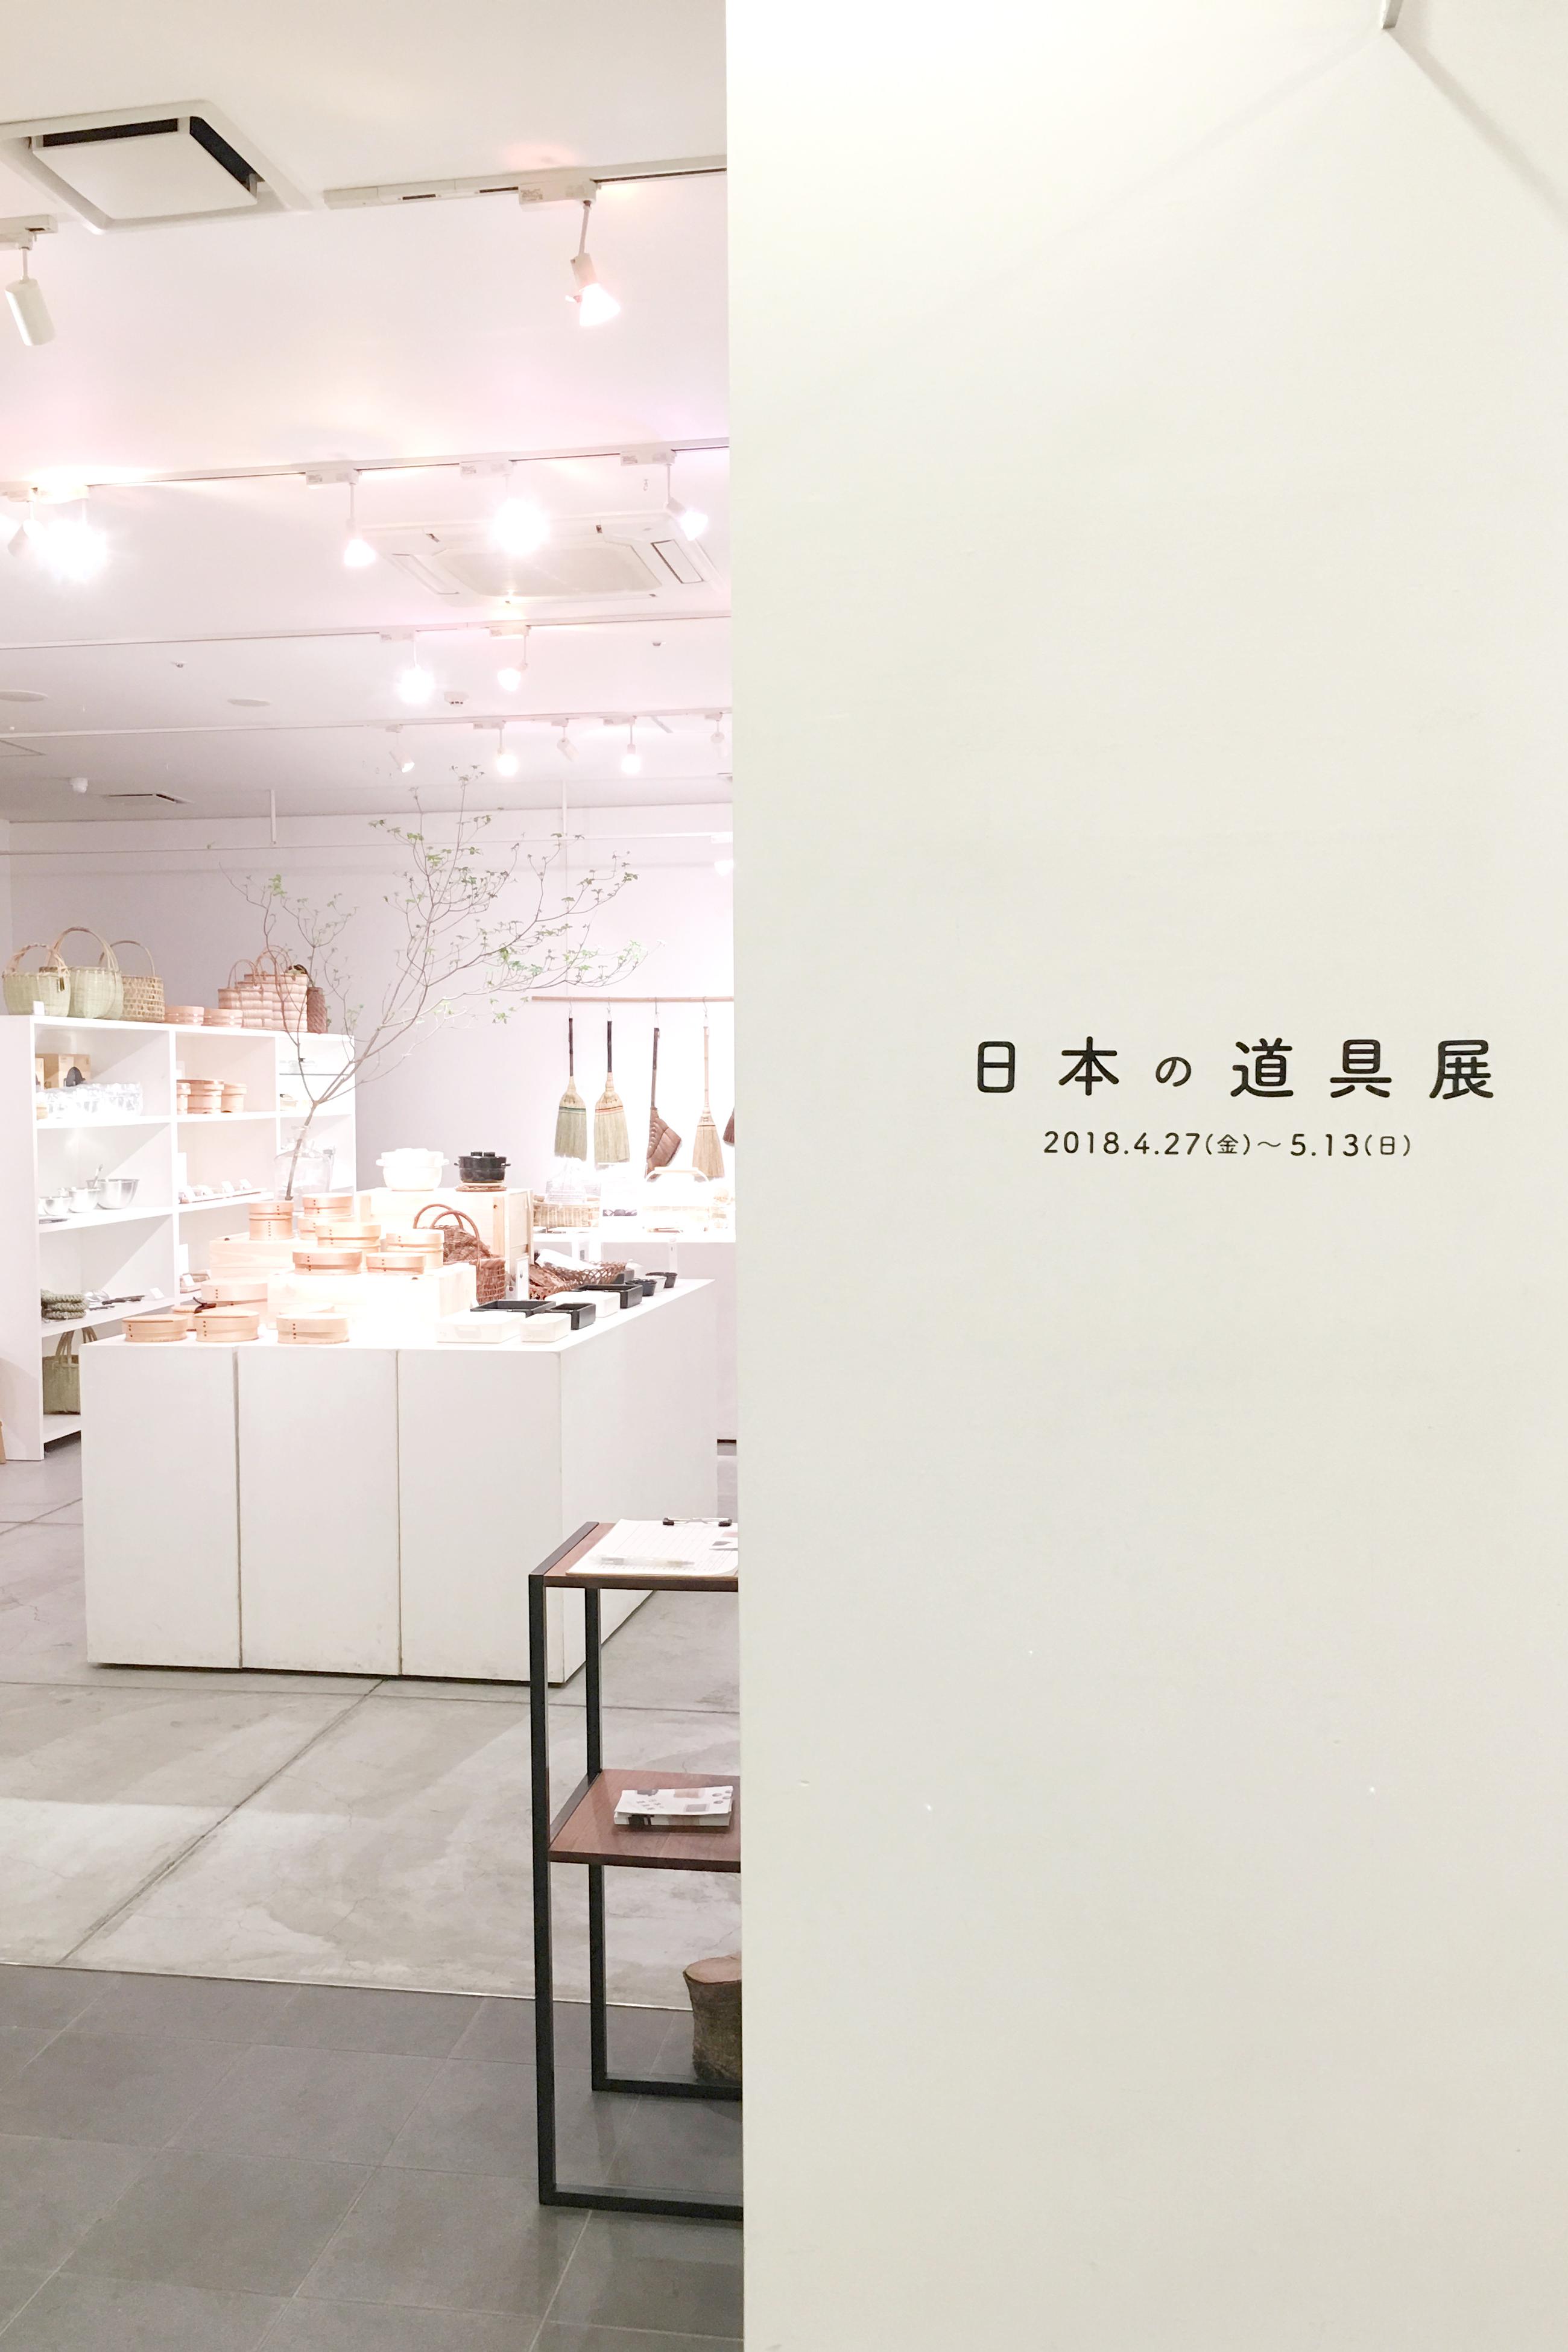 https://www.schule.jp/hibinokoto/IMG_5678.jpg